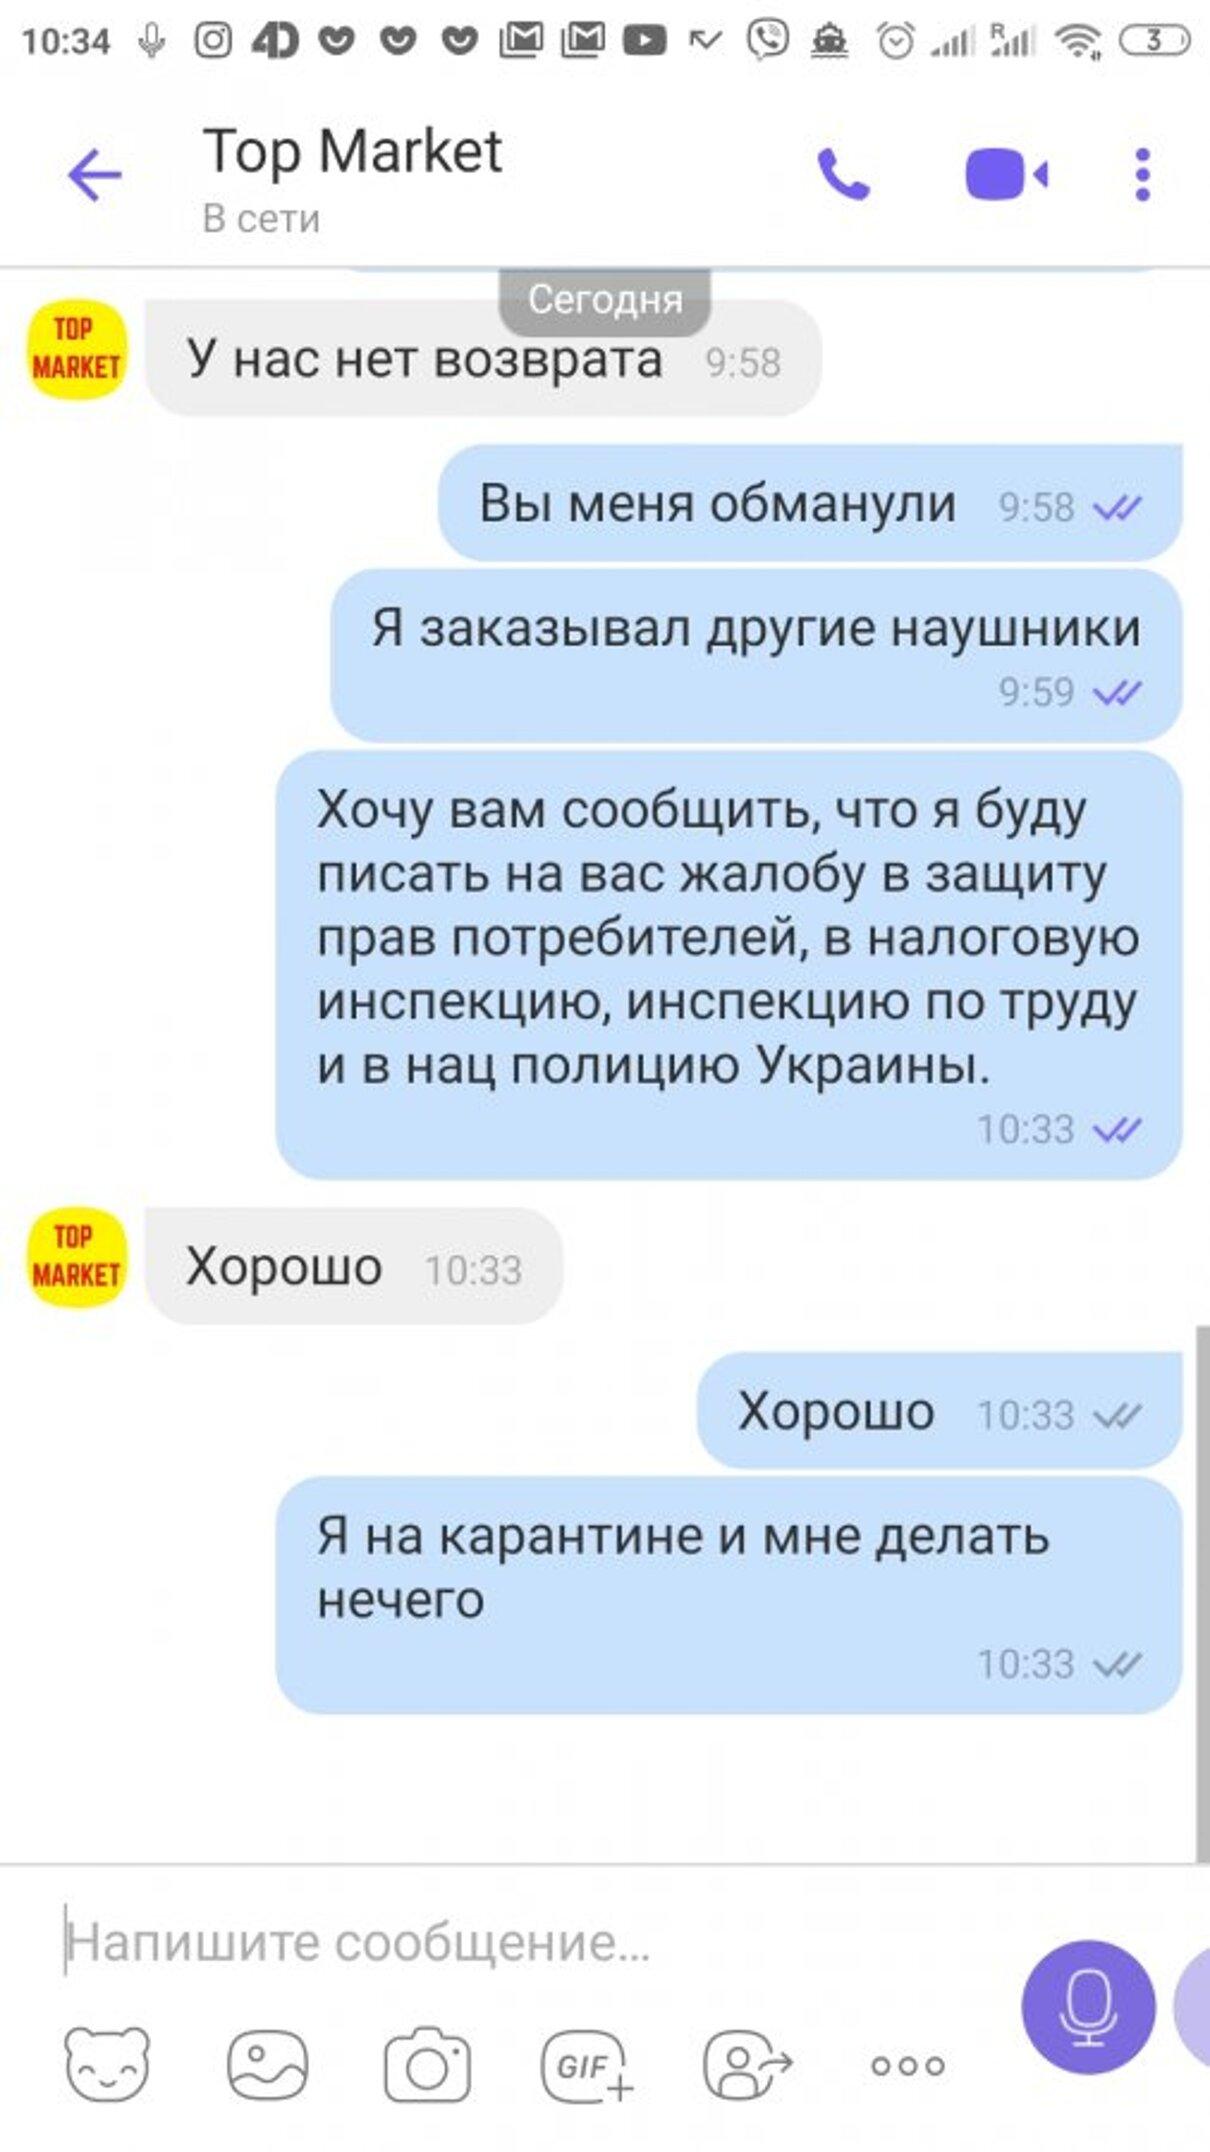 Жалоба-отзыв: Top Market / topmarket1.com.ua / Airpods2 copy - Top Market, Topmarket1.com.ua.  Фото №3